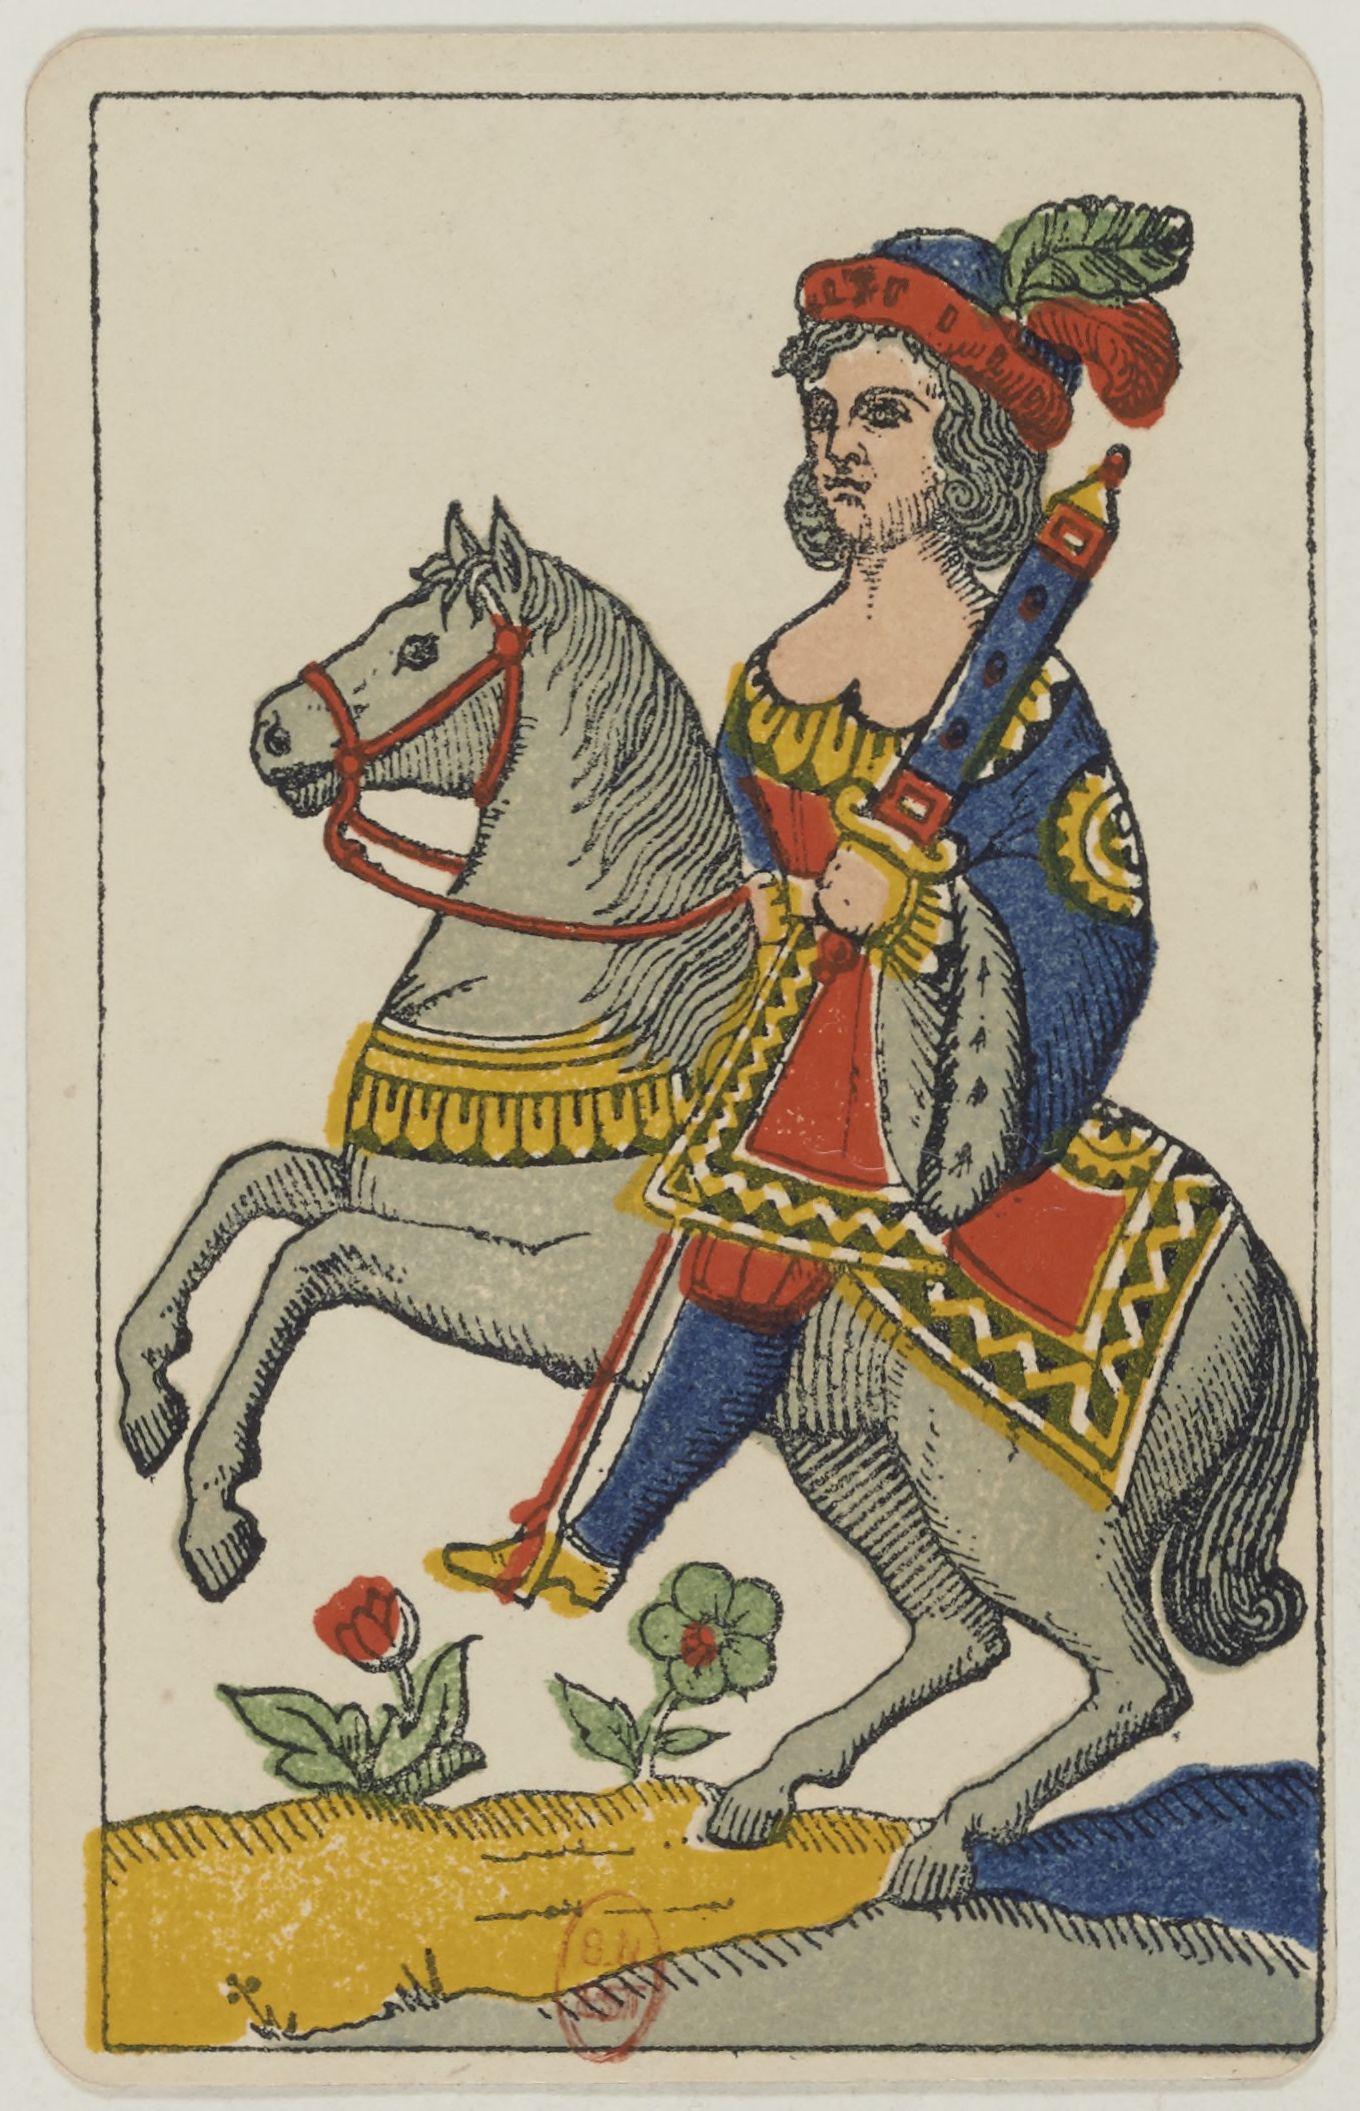 File:Aluette card deck - Grimaud - 1858-1890 - Knight of